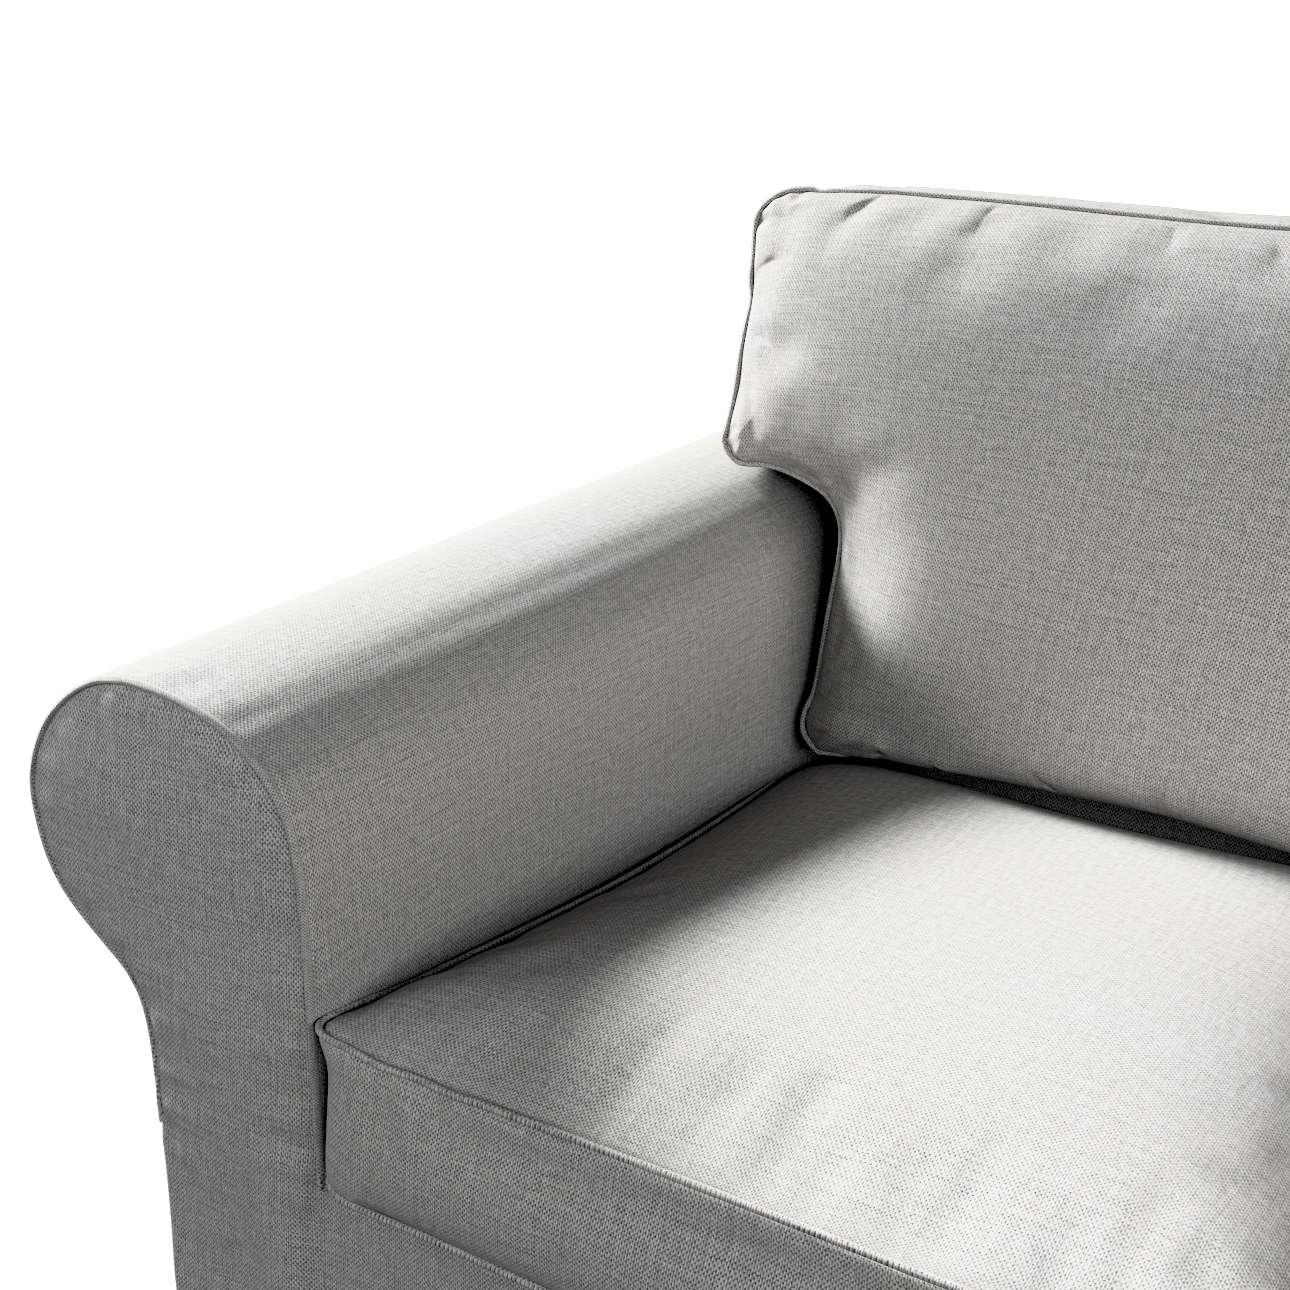 Pokrowiec na sofę Ektorp 2-osobową rozkładaną, model po 2012 w kolekcji Living II, tkanina: 160-89